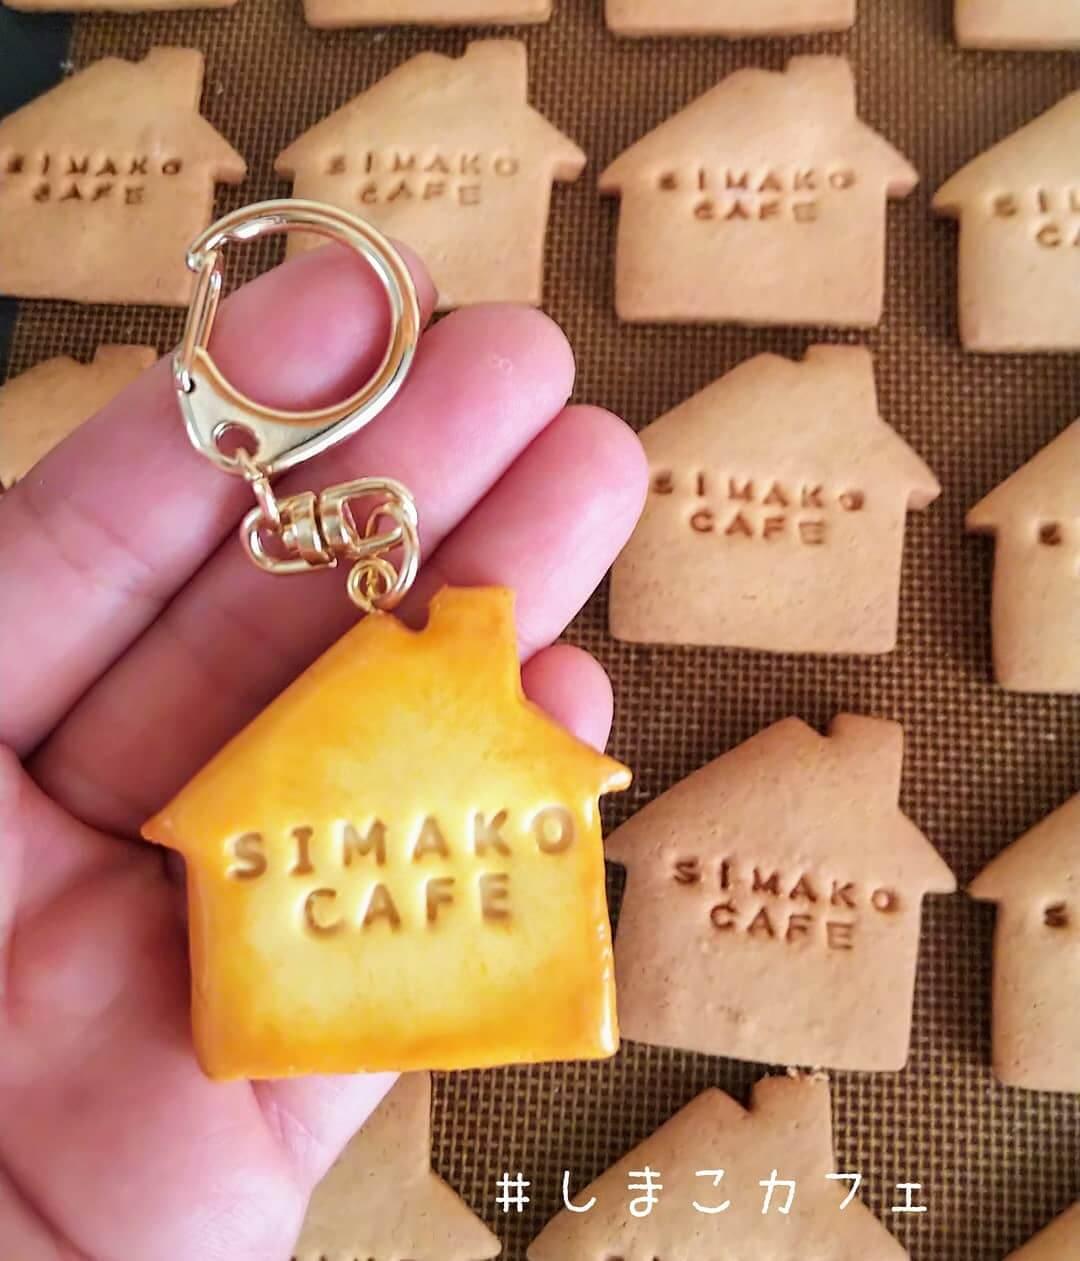 しまこカフェのクッキーキーホルダー/¥1,100(税込み)